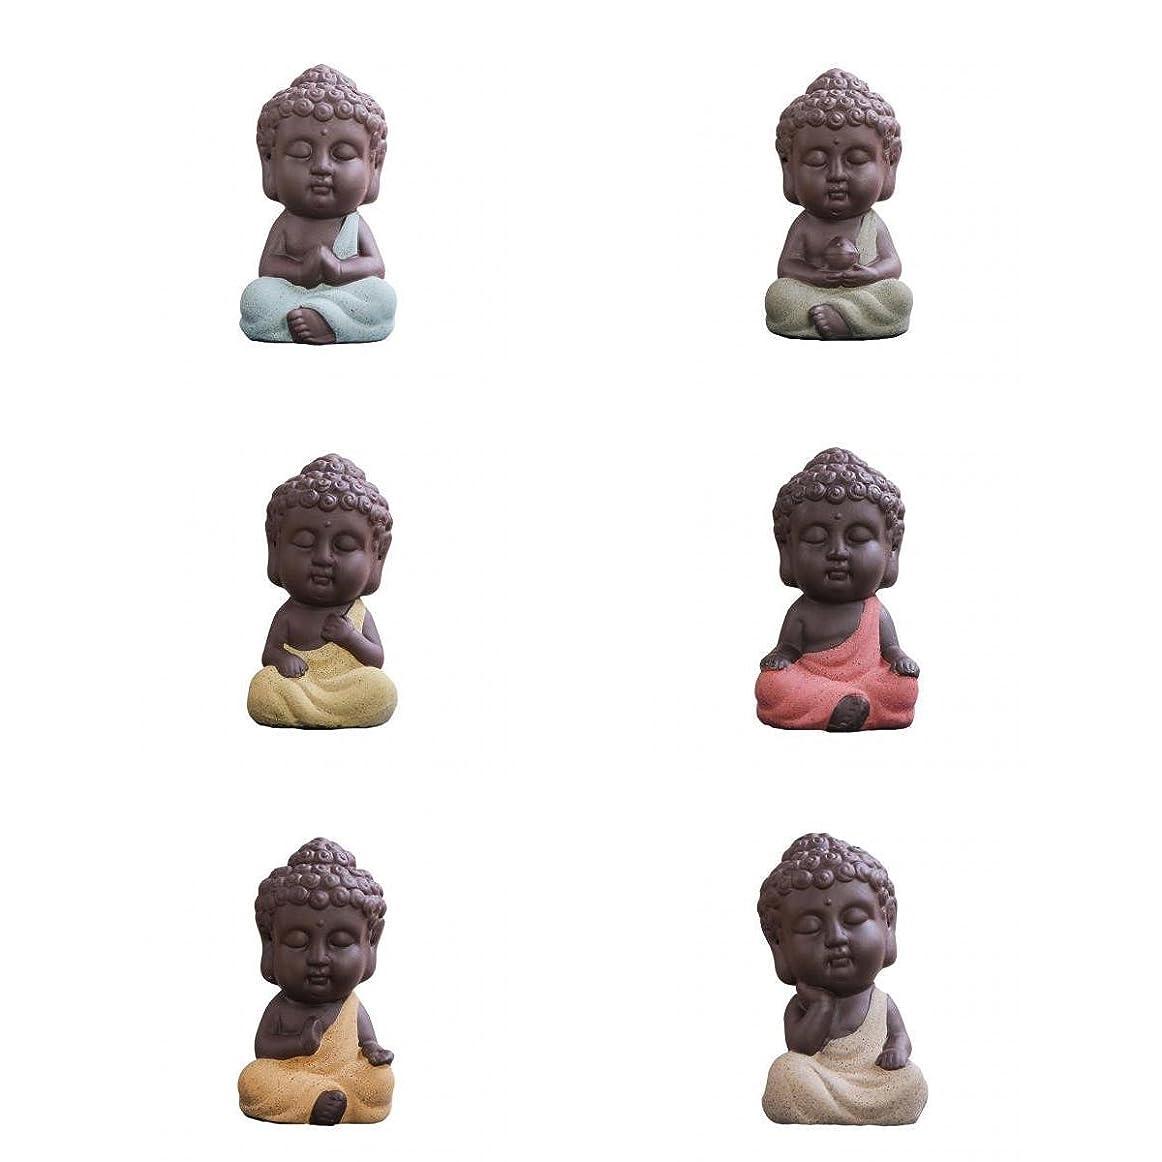 返還排泄物分配しますamleso ティーペット ティートレイ 手作り 陶器 古典的 工芸品 茶道 装飾?? - ブルー+レッド+イエロー+ホワイト+グリーン